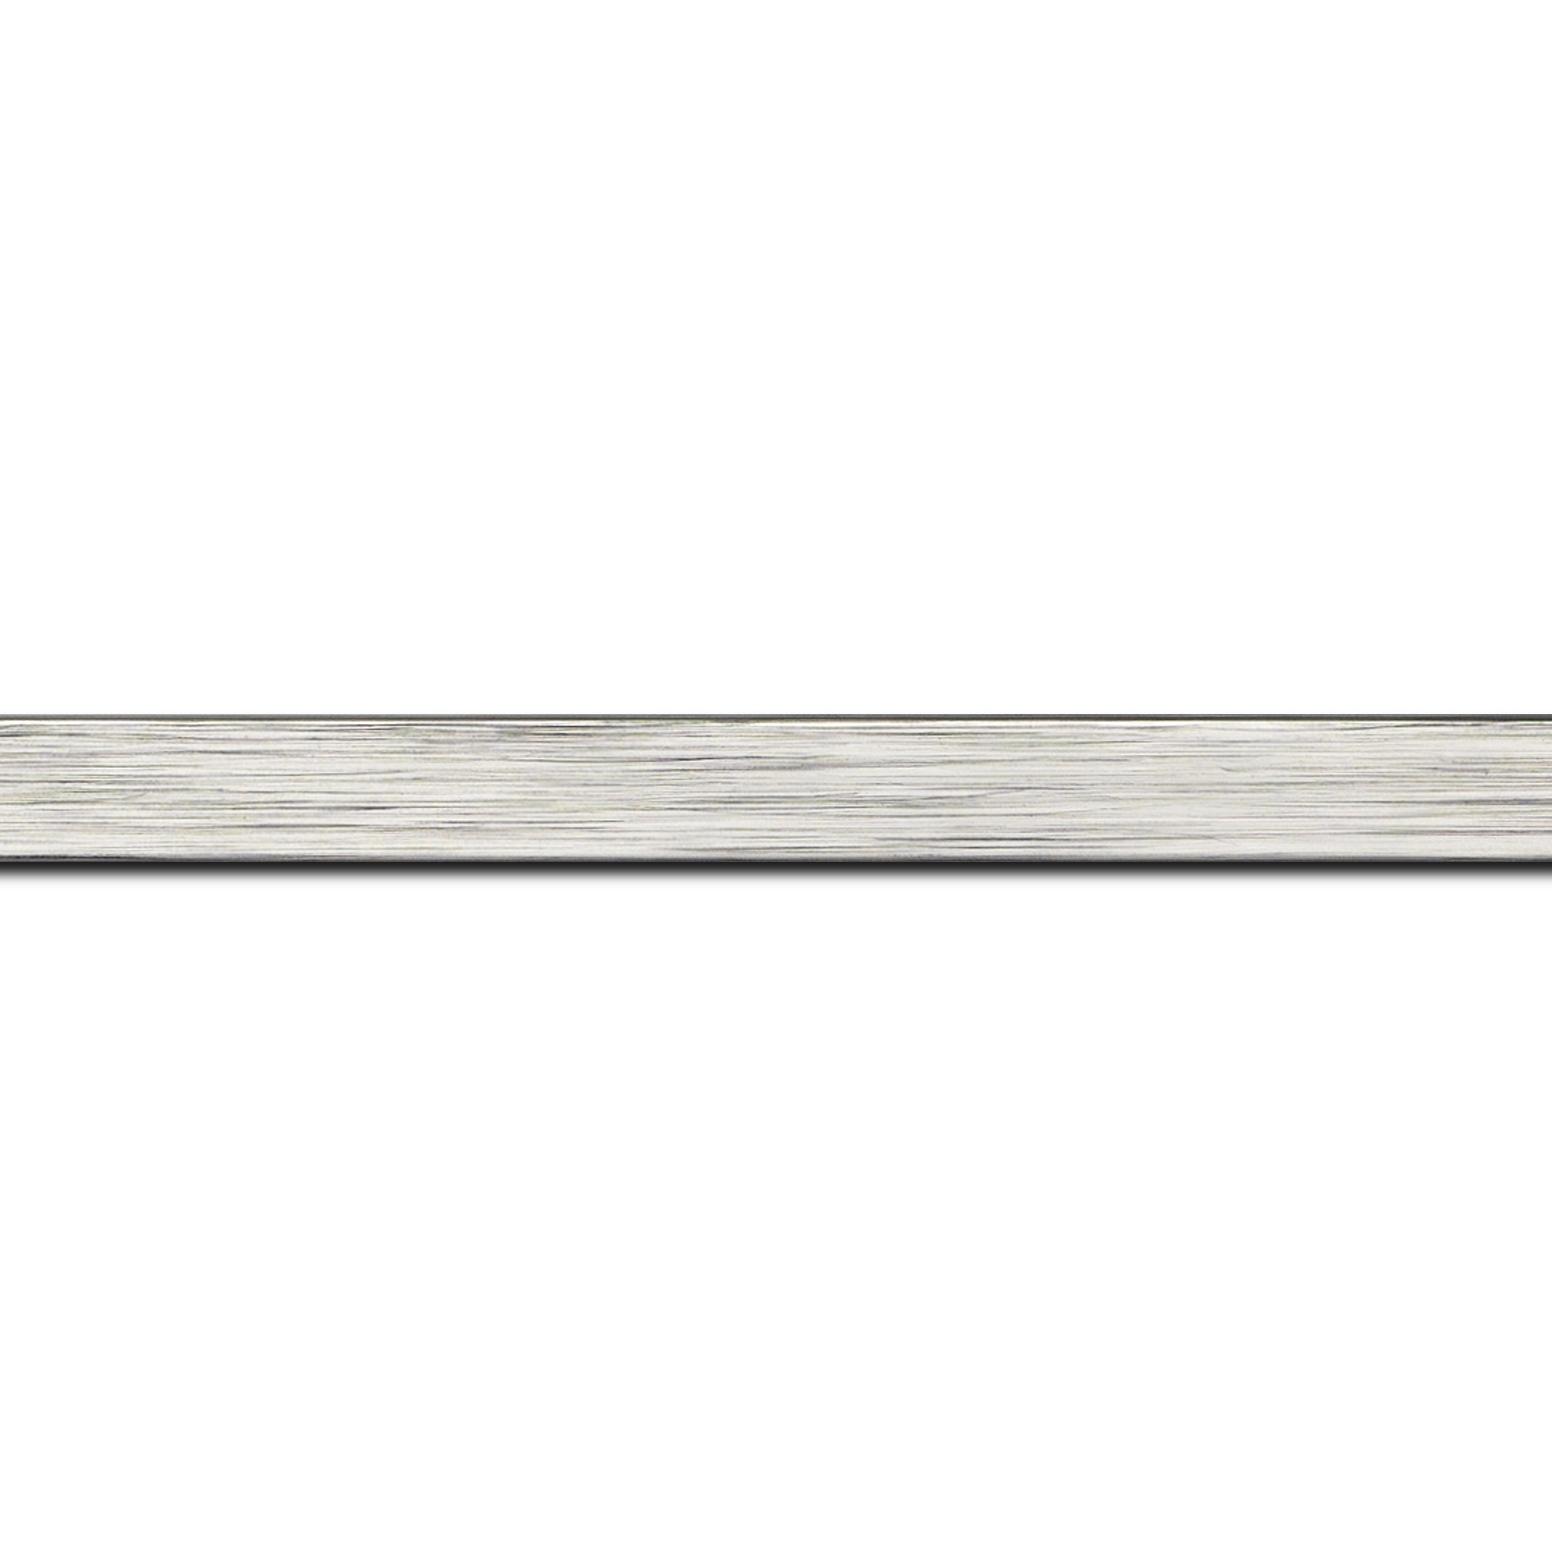 Pack par 12m, bois profil plat largeur 1.5cm couleur argent (longueur baguette pouvant varier entre 2.40m et 3m selon arrivage des bois)